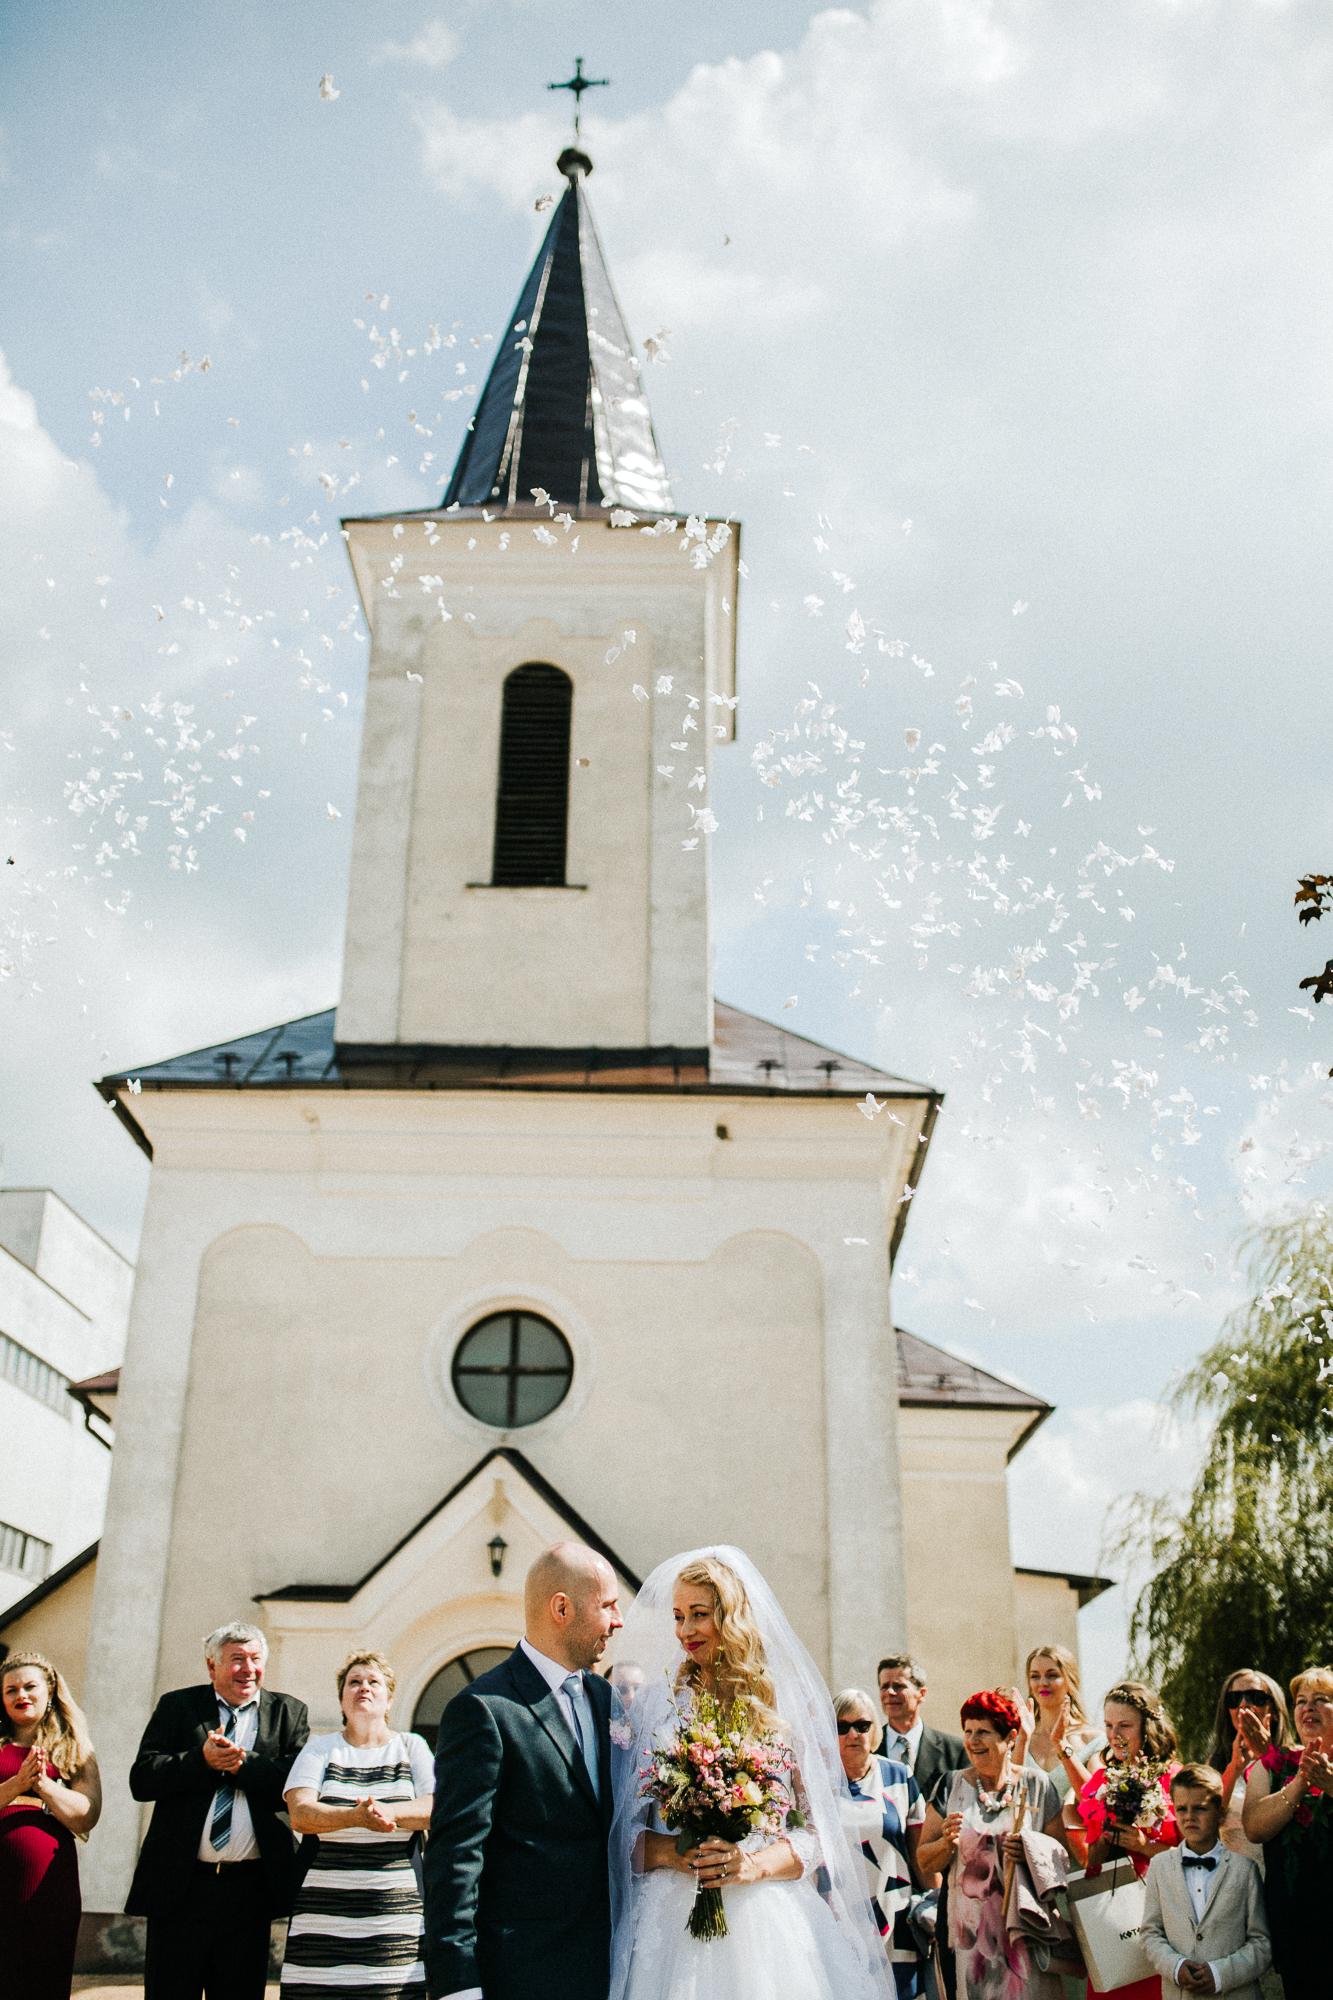 989eb3ac7148 Hrali na svadbe mojej sestry a veľmi sa mi to páčilo. Pri príchode do  kostola nám nádherne hrali na husliach. Kris ma videl prvýkrát až v  kostole